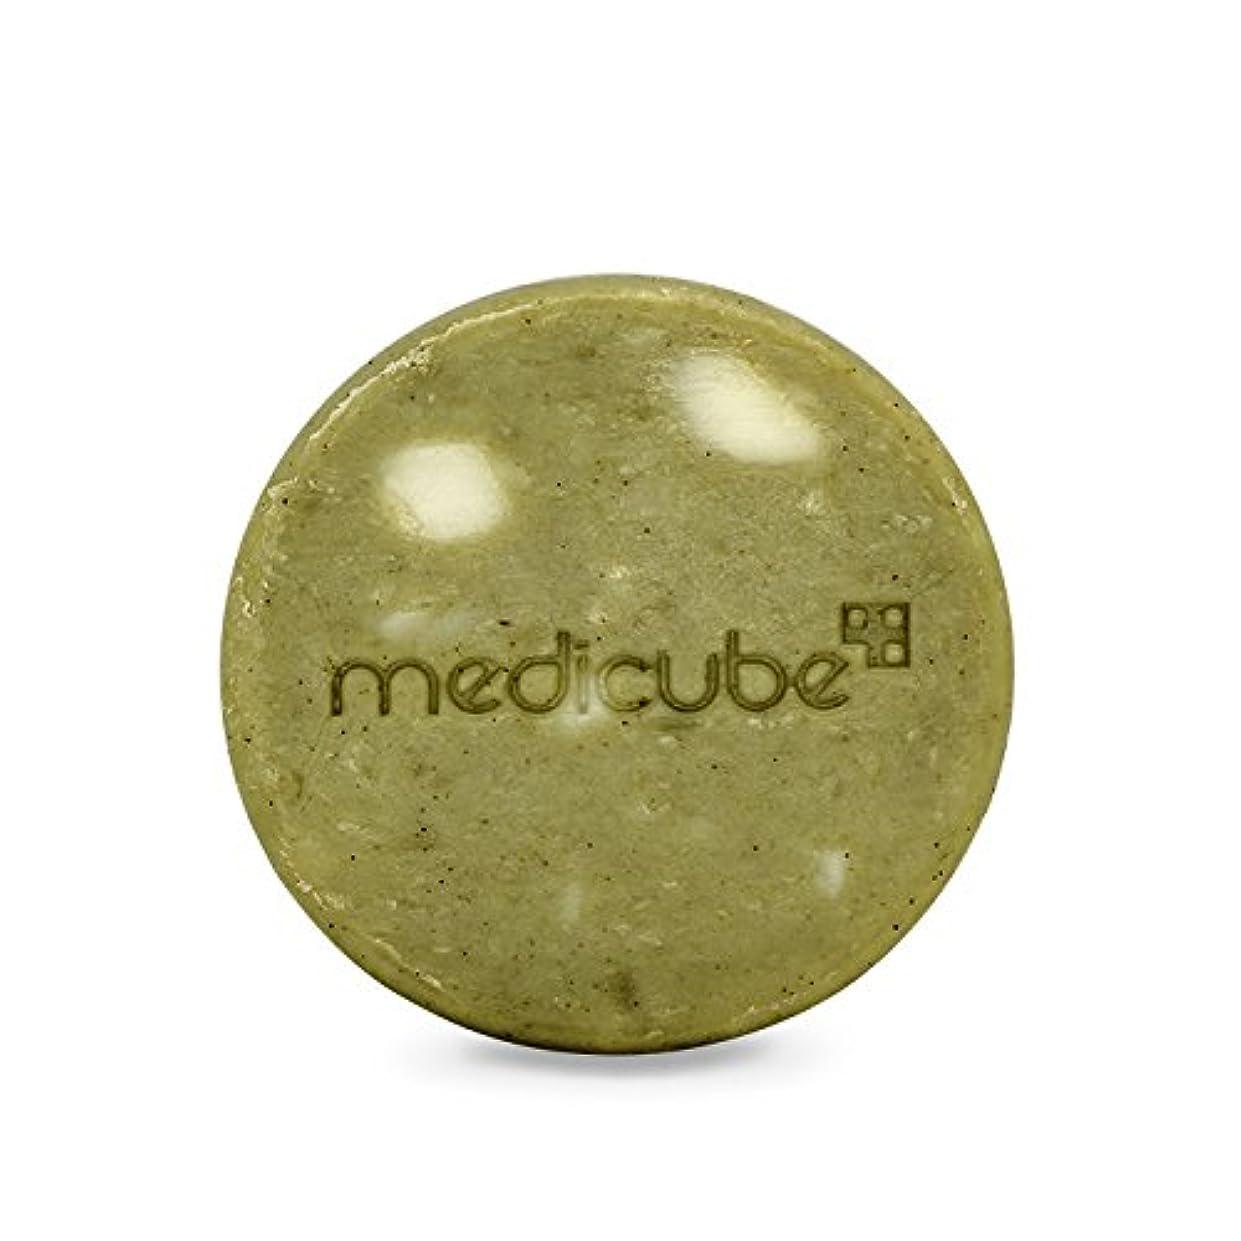 債務者伝導率ボウリング[Medicube]Red Body Bar / メディキューブレッドボディバー / 正品?海外直送商品 [並行輸入品]